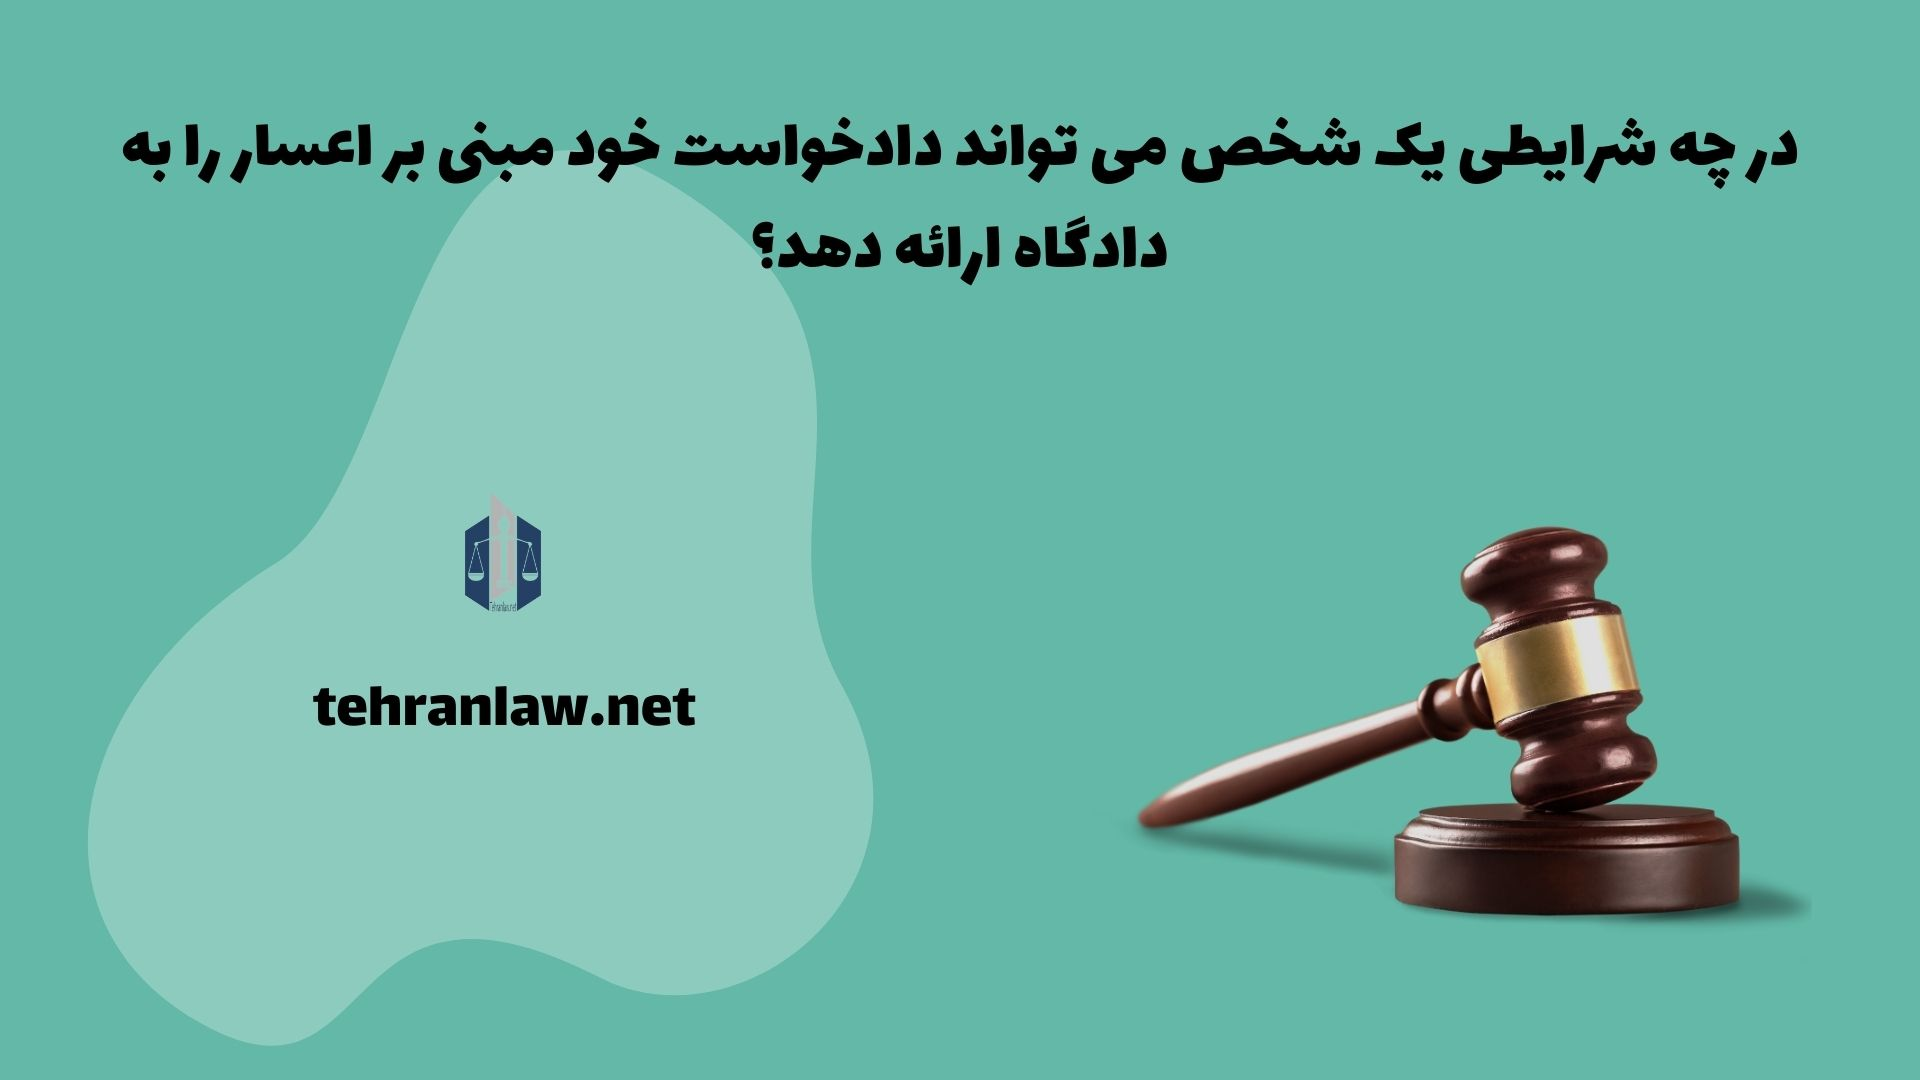 در چه شرایطی یک شخص می تواند دادخواست خود مبنی بر اعسار را به دادگاه ارائه دهد؟